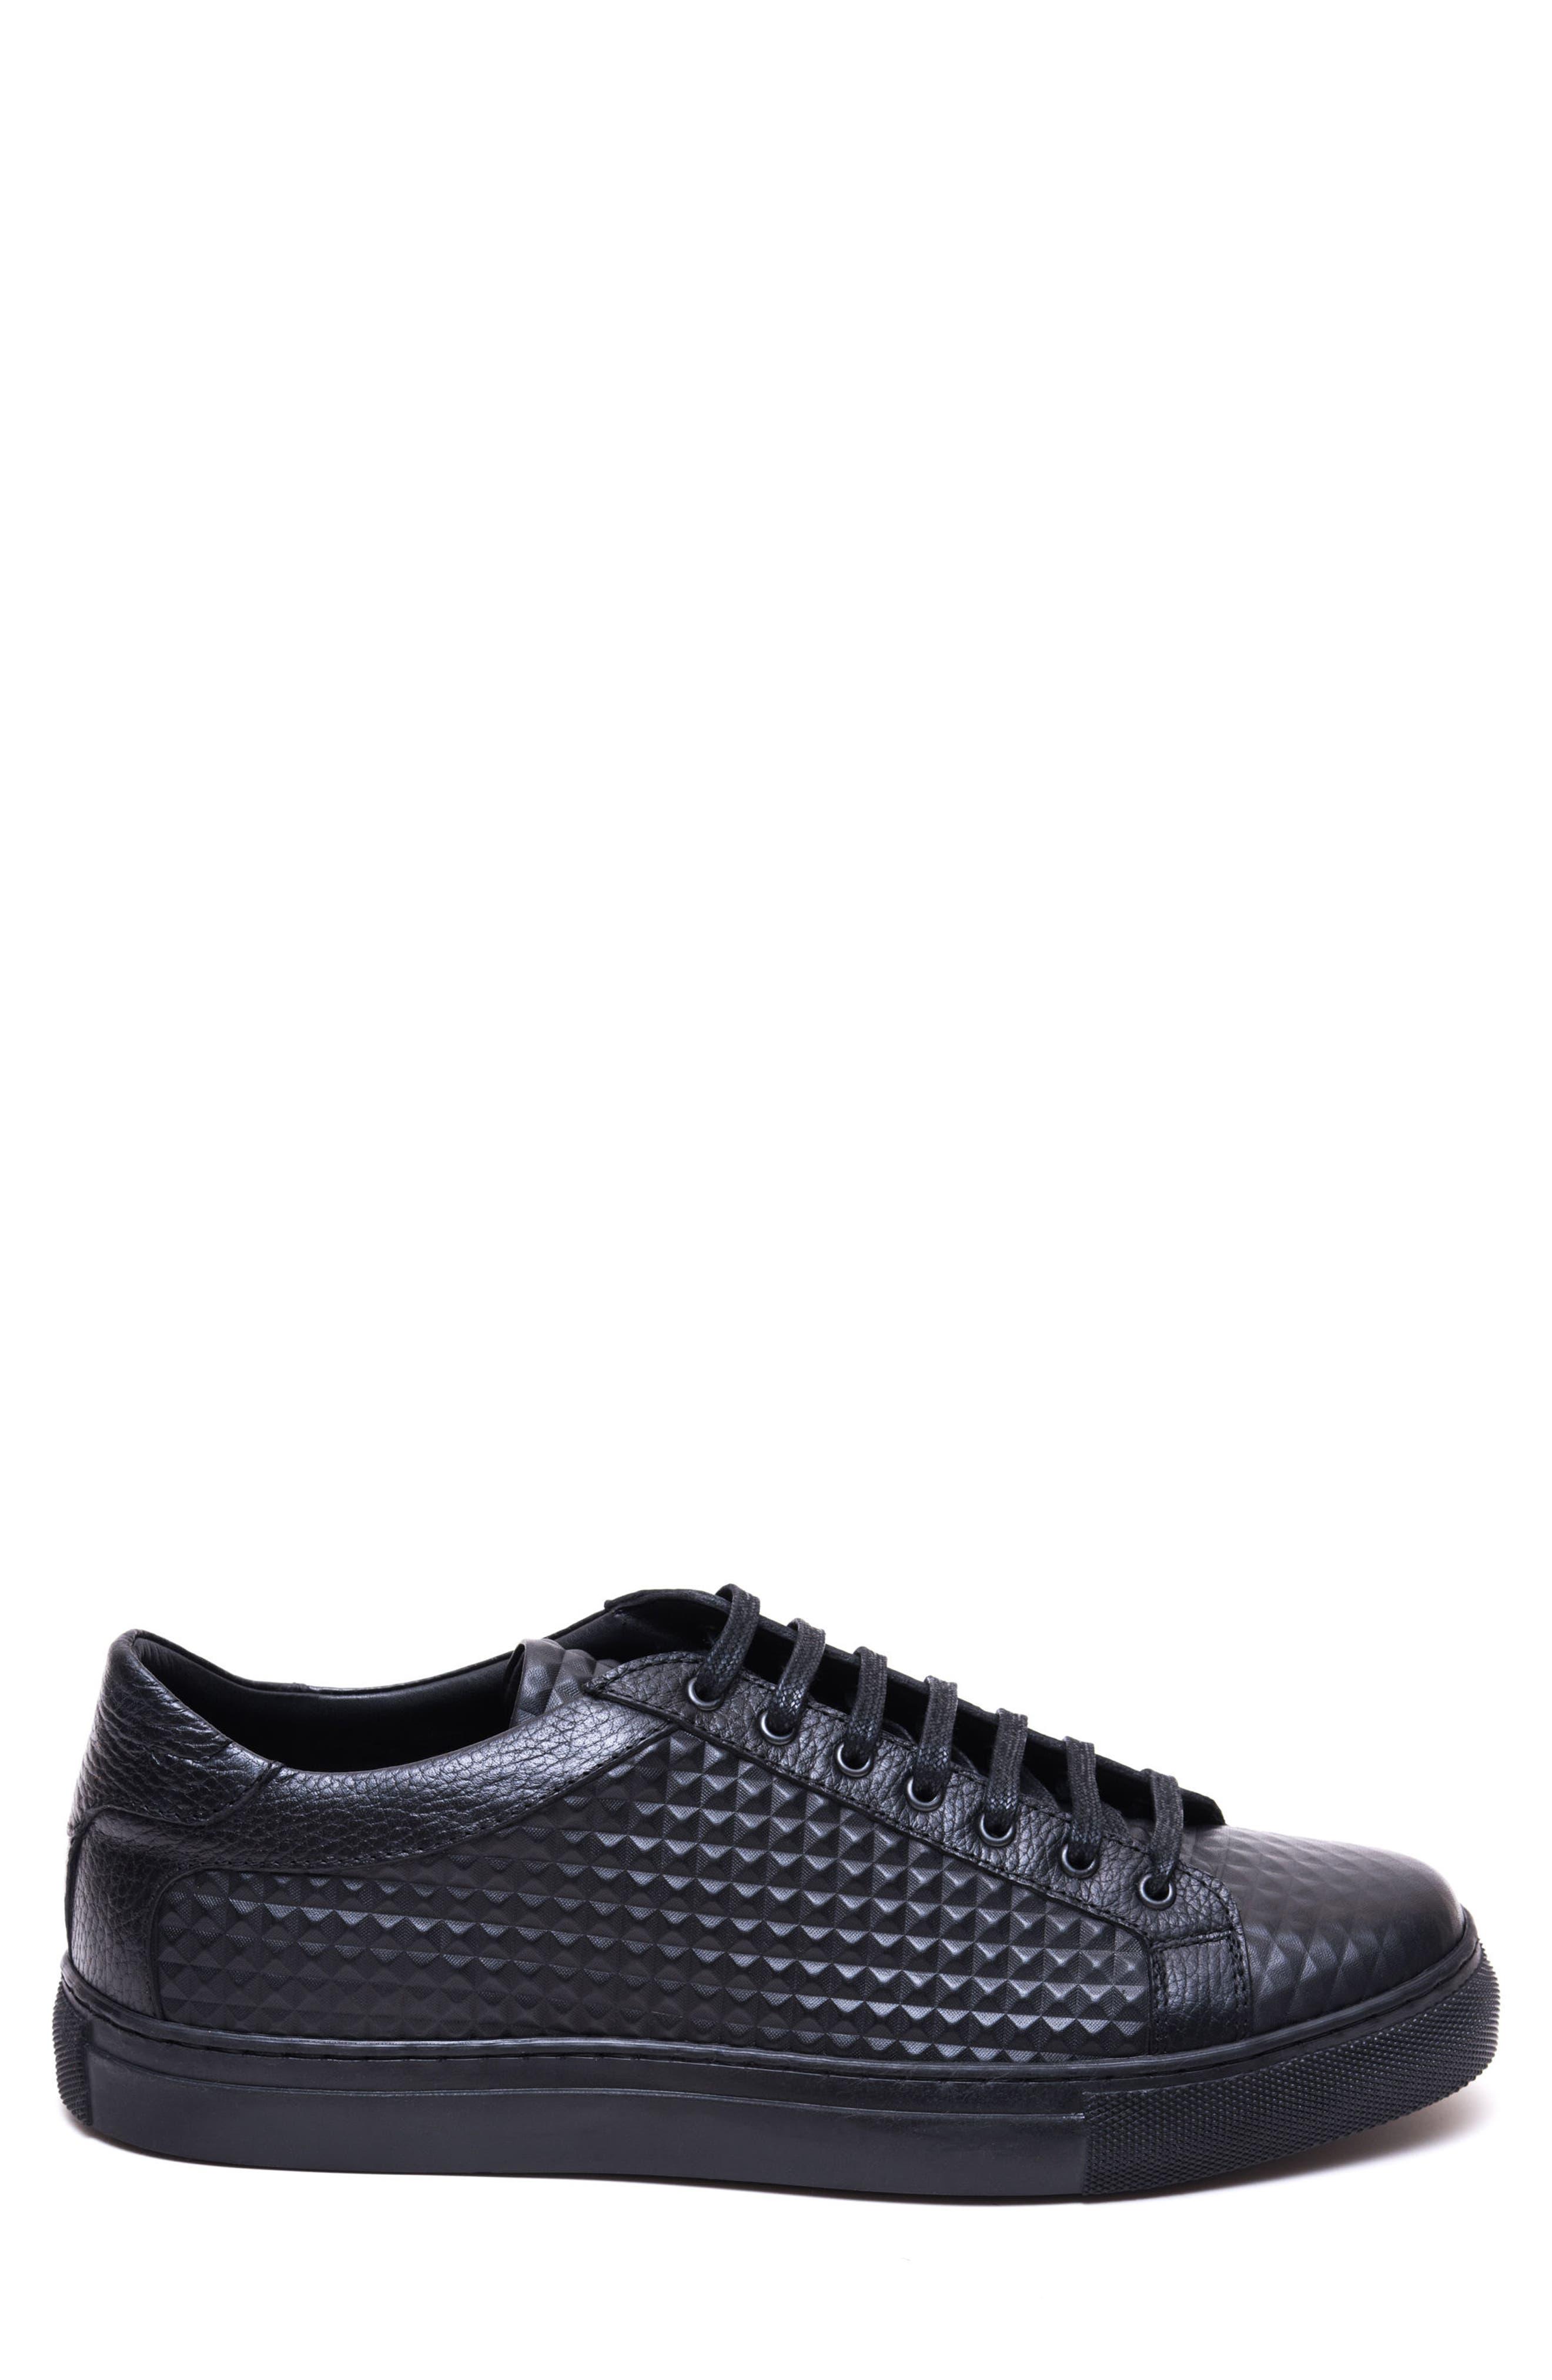 Scott Leather Sneaker,                             Alternate thumbnail 5, color,